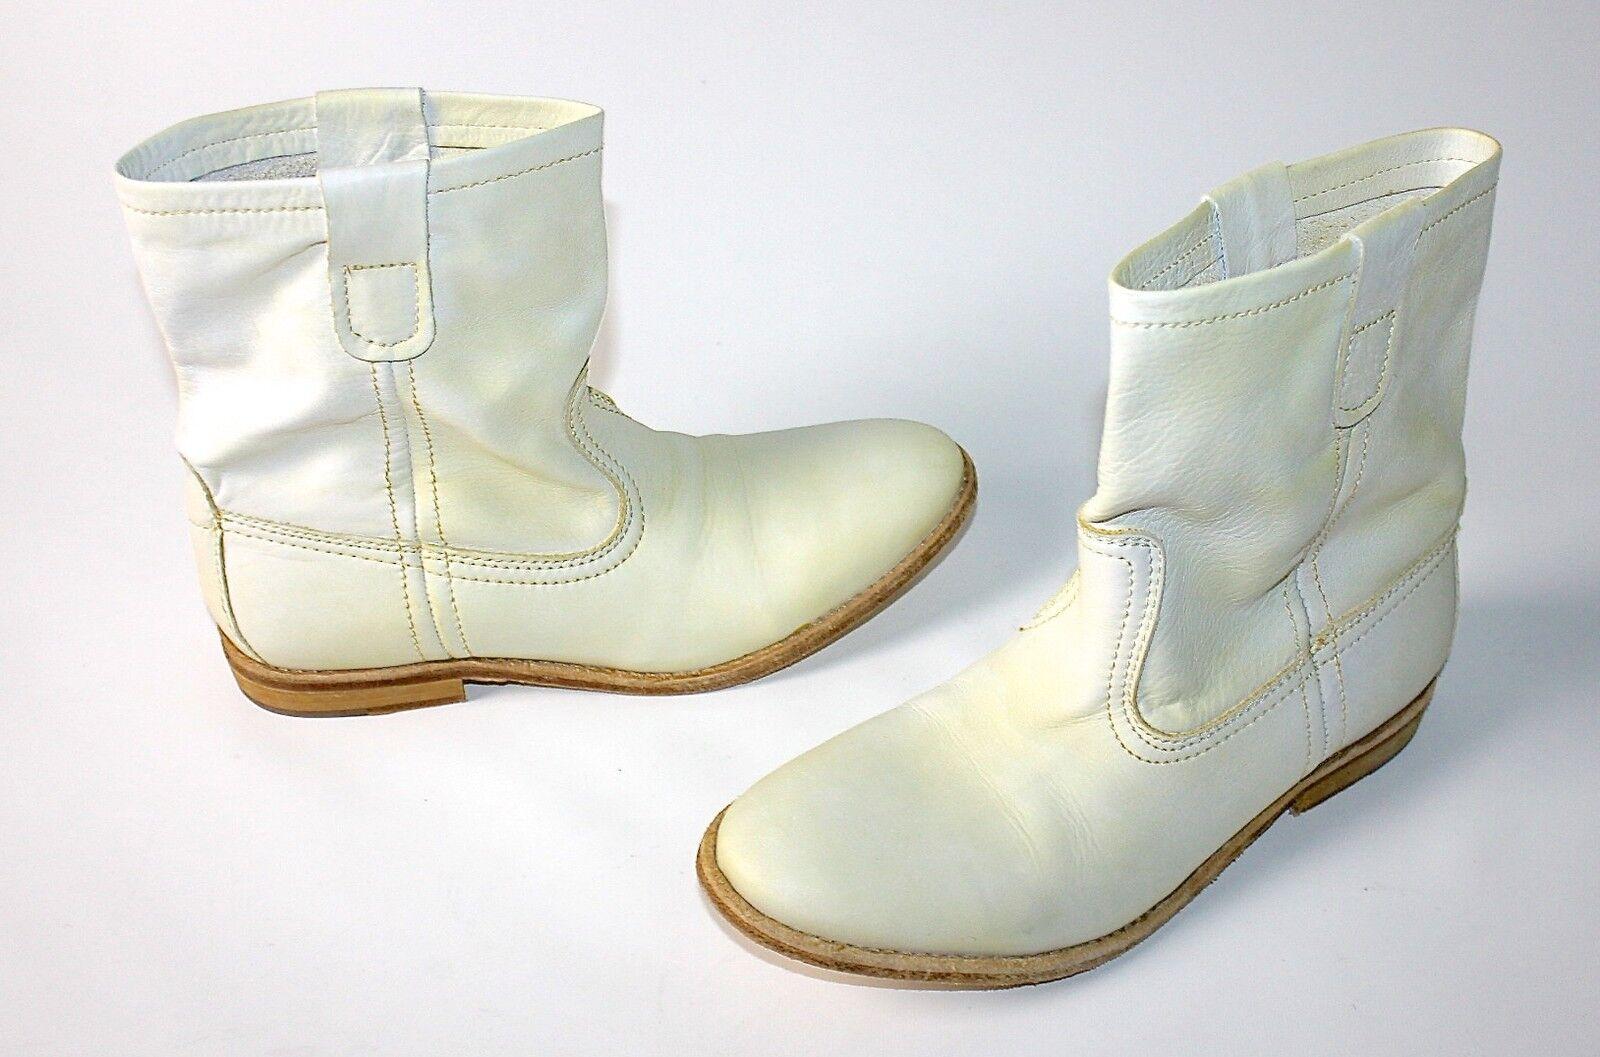 Buffalo londres  zapatos señora botines 40 es 30195nuevo